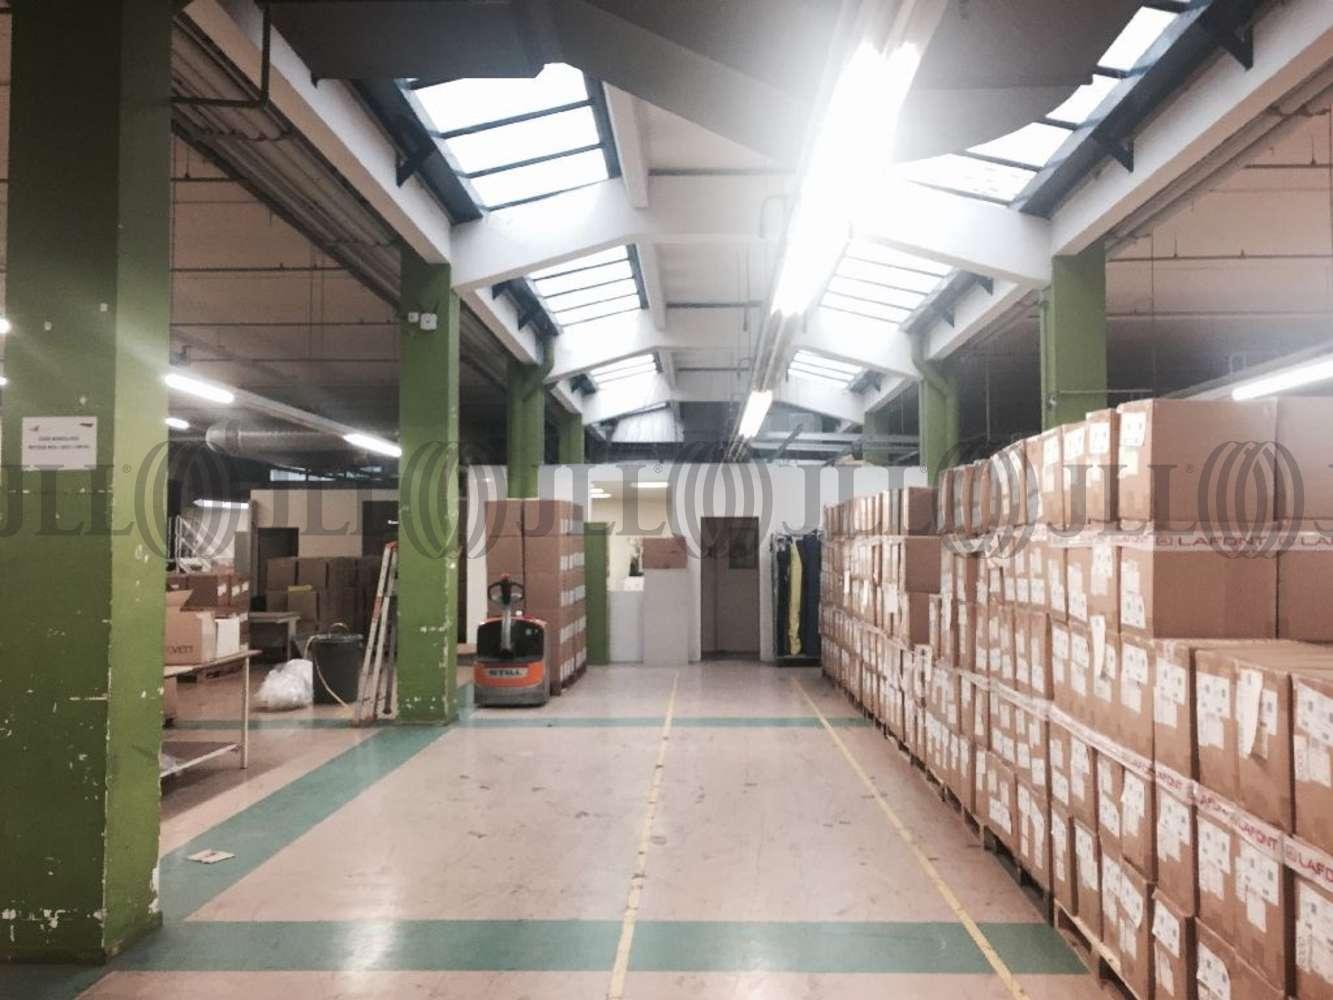 Activités/entrepôt Villefranche sur saone, 69400 - Entrepôt à vendre Lyon Nord Villefranche - 9477845